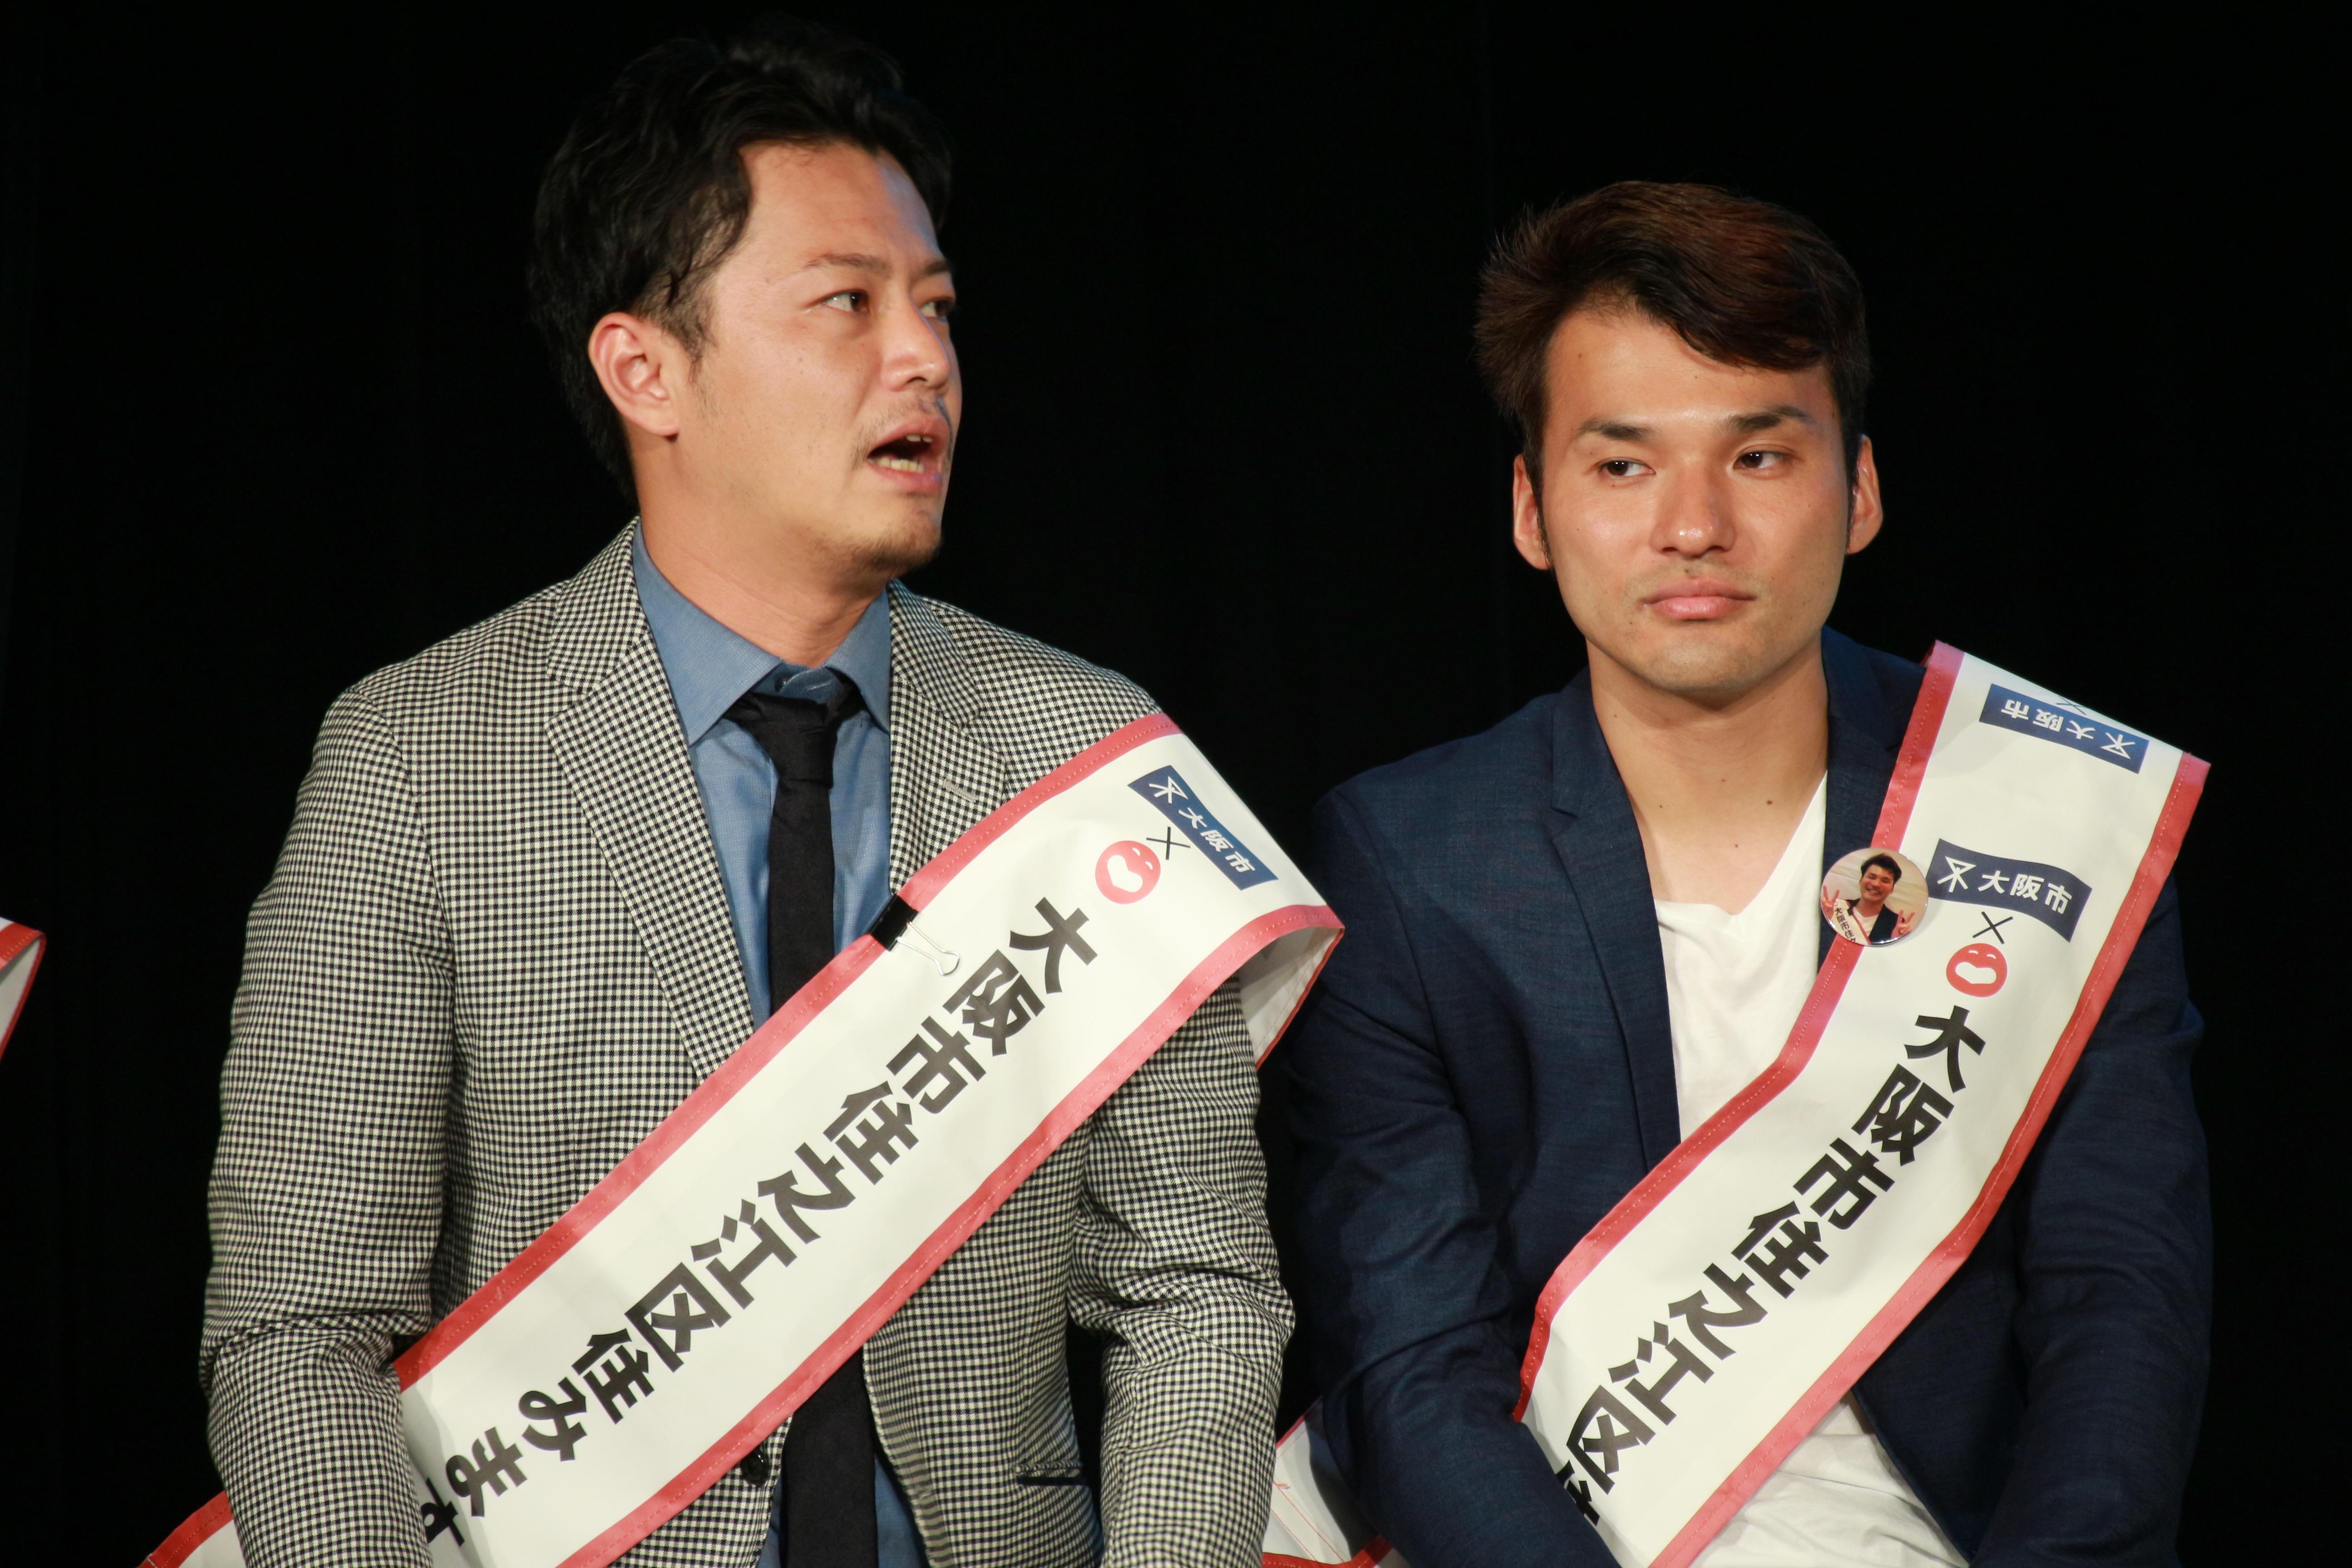 http://news.yoshimoto.co.jp/20180808173533-516d959f31ecc1b065dd6ef82dd4e1b3032bcd03.jpg